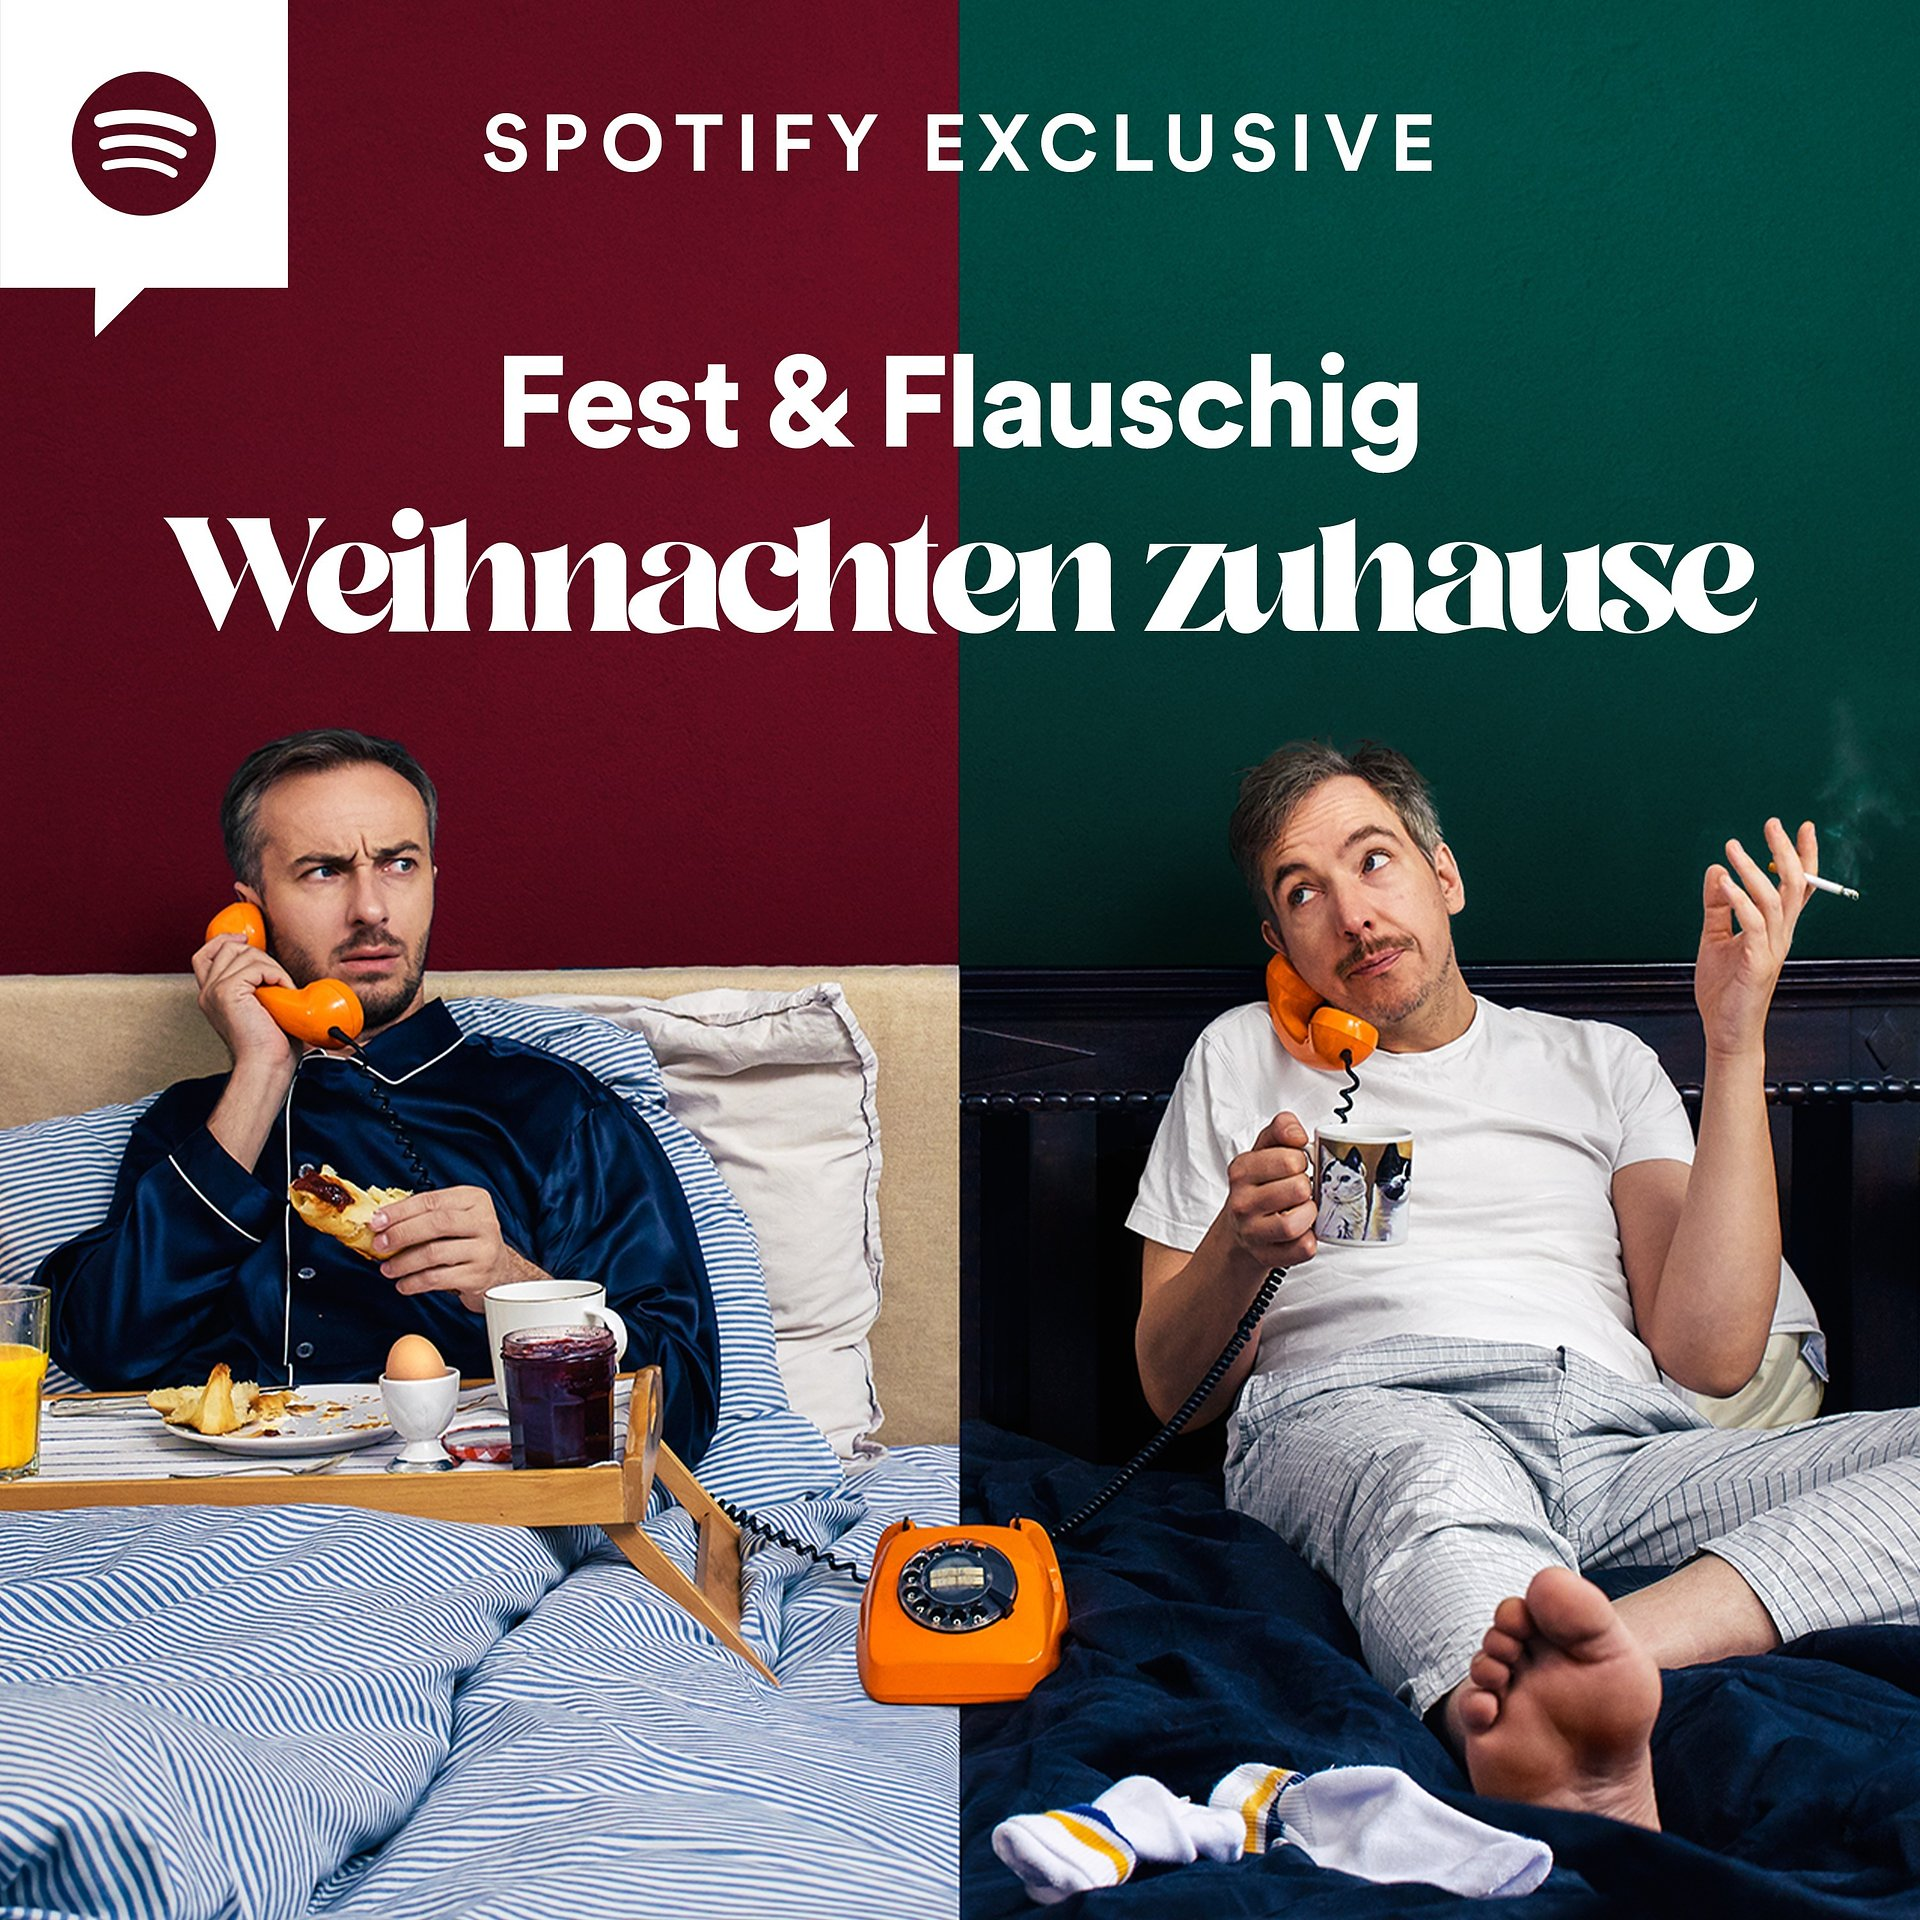 Fest & Flauschig Live – Weihnachten zuhause: Digitaler Weihnachtszirkus am kommenden Samstag